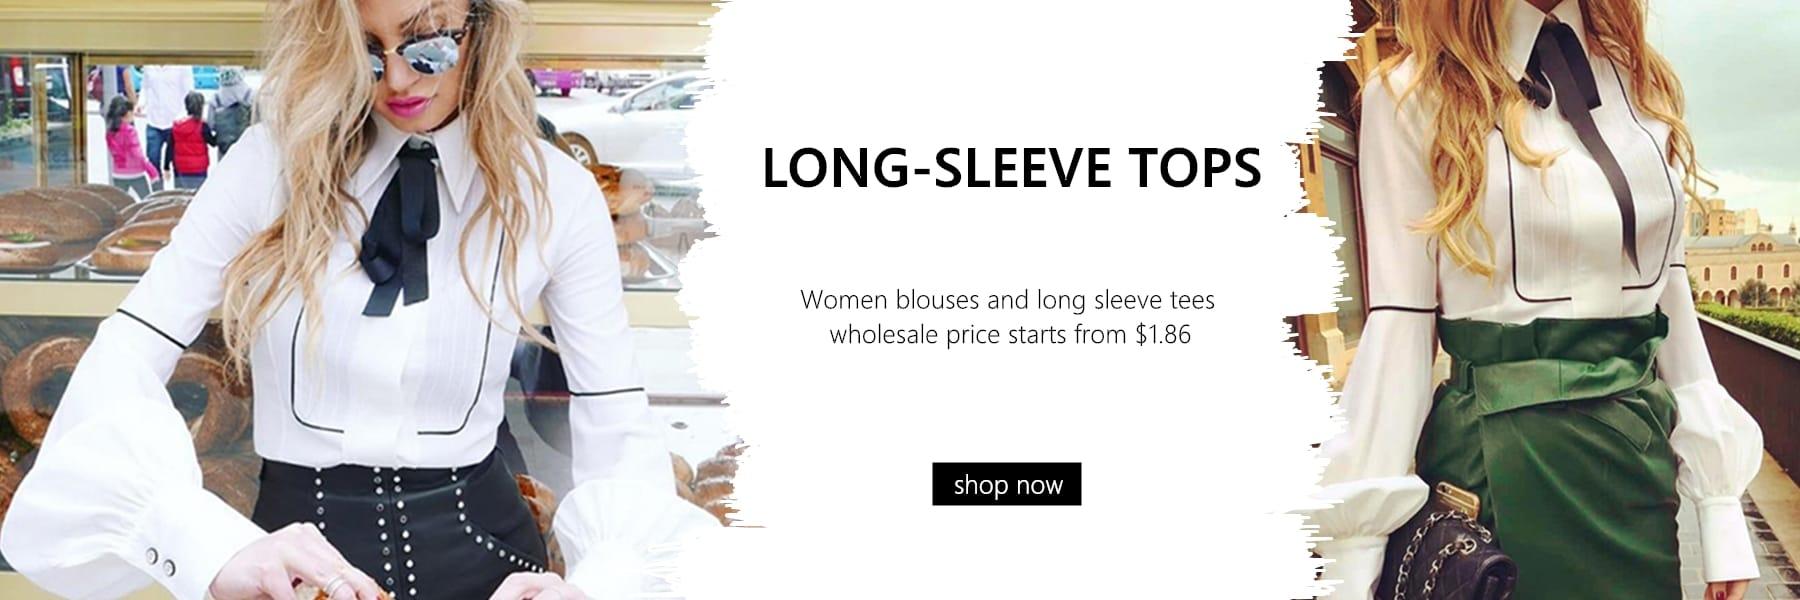 Wholesale Women Blouses&Long-sleeve Tees